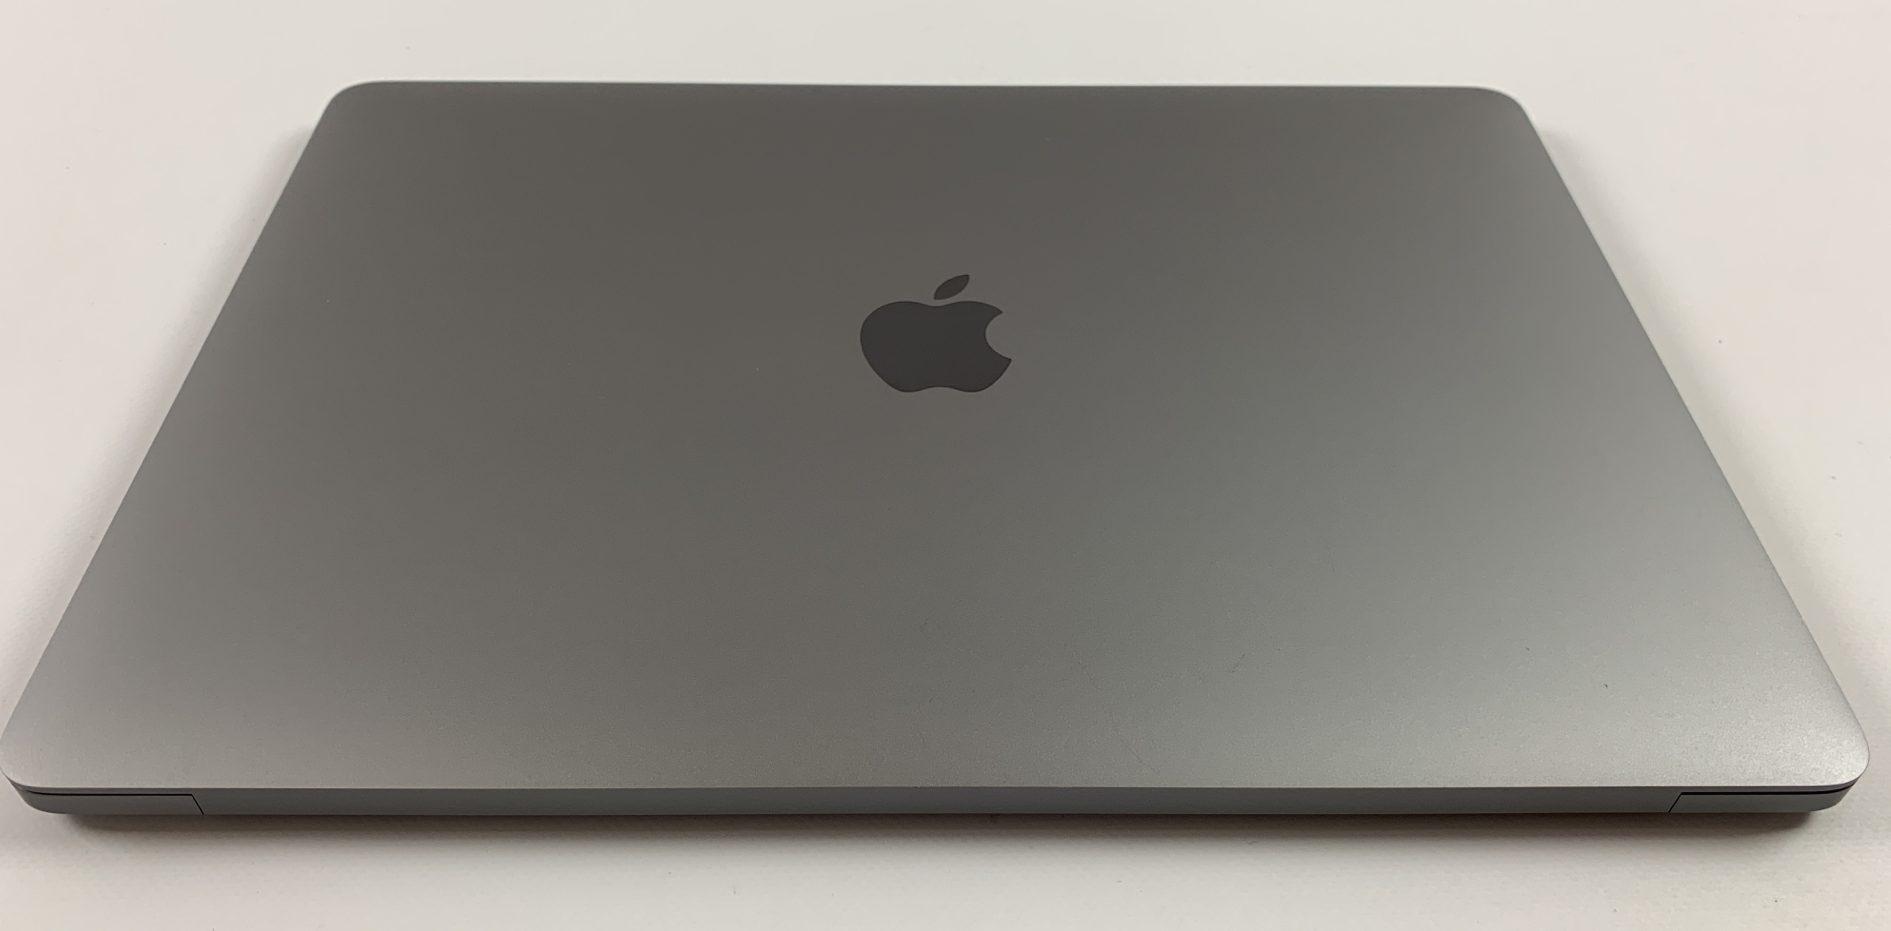 """MacBook Pro 13"""" 4TBT Mid 2018 (Intel Quad-Core i5 2.3 GHz 8 GB RAM 256 GB SSD), Space Gray, Intel Quad-Core i5 2.3 GHz, 8 GB RAM, 256 GB SSD, image 2"""